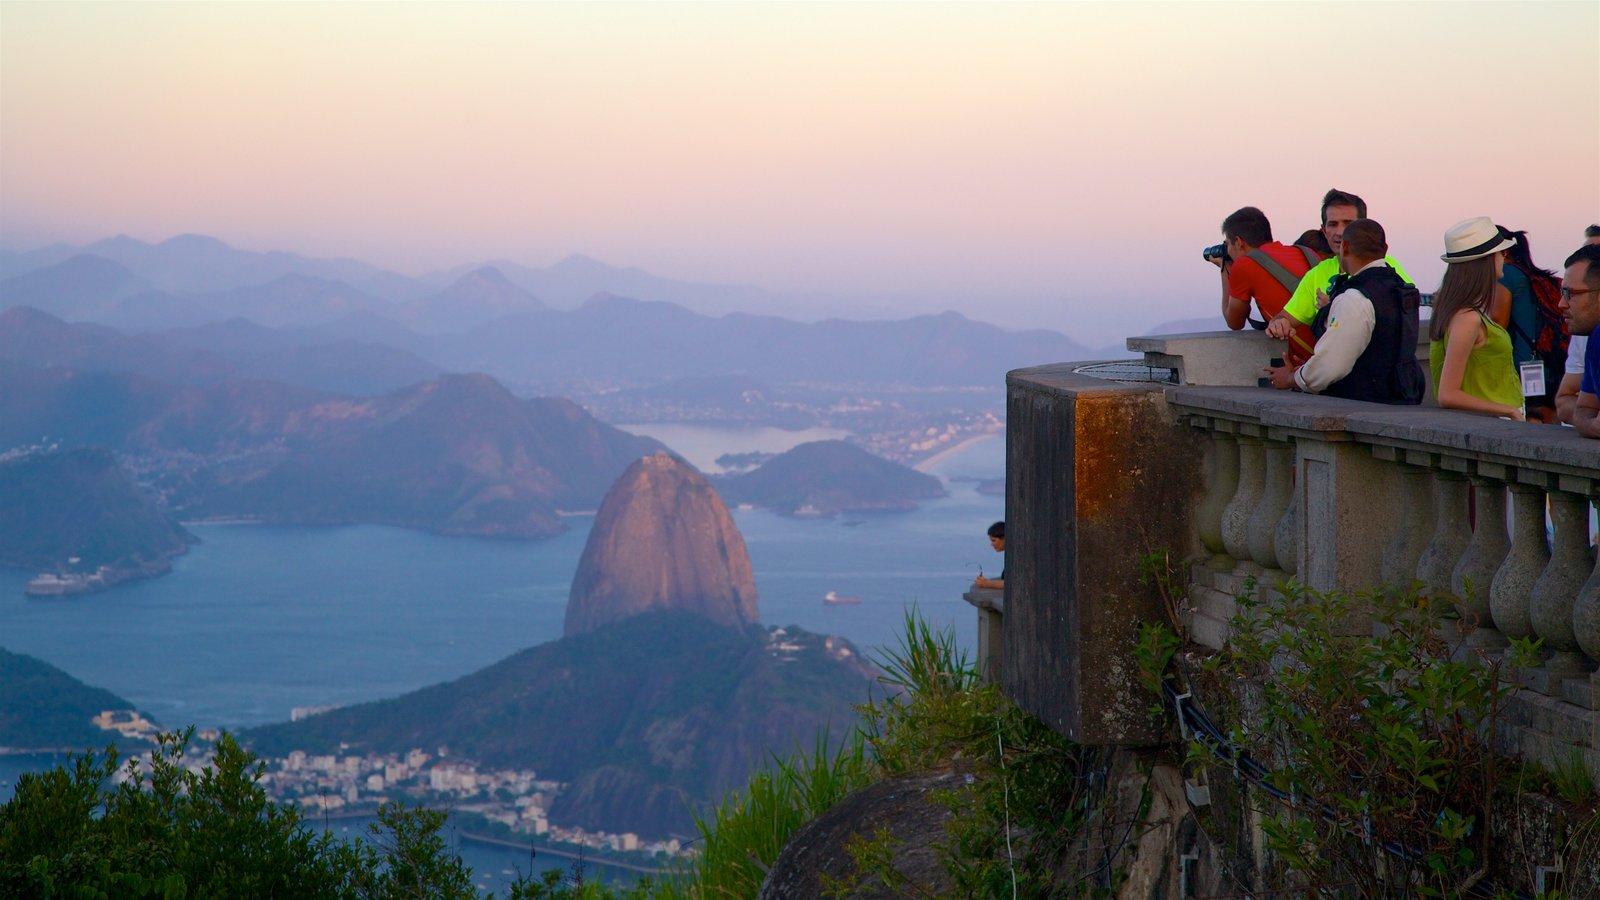 Baía de Guanabara que inclui paisagens, cenas tranquilas e um pôr do sol